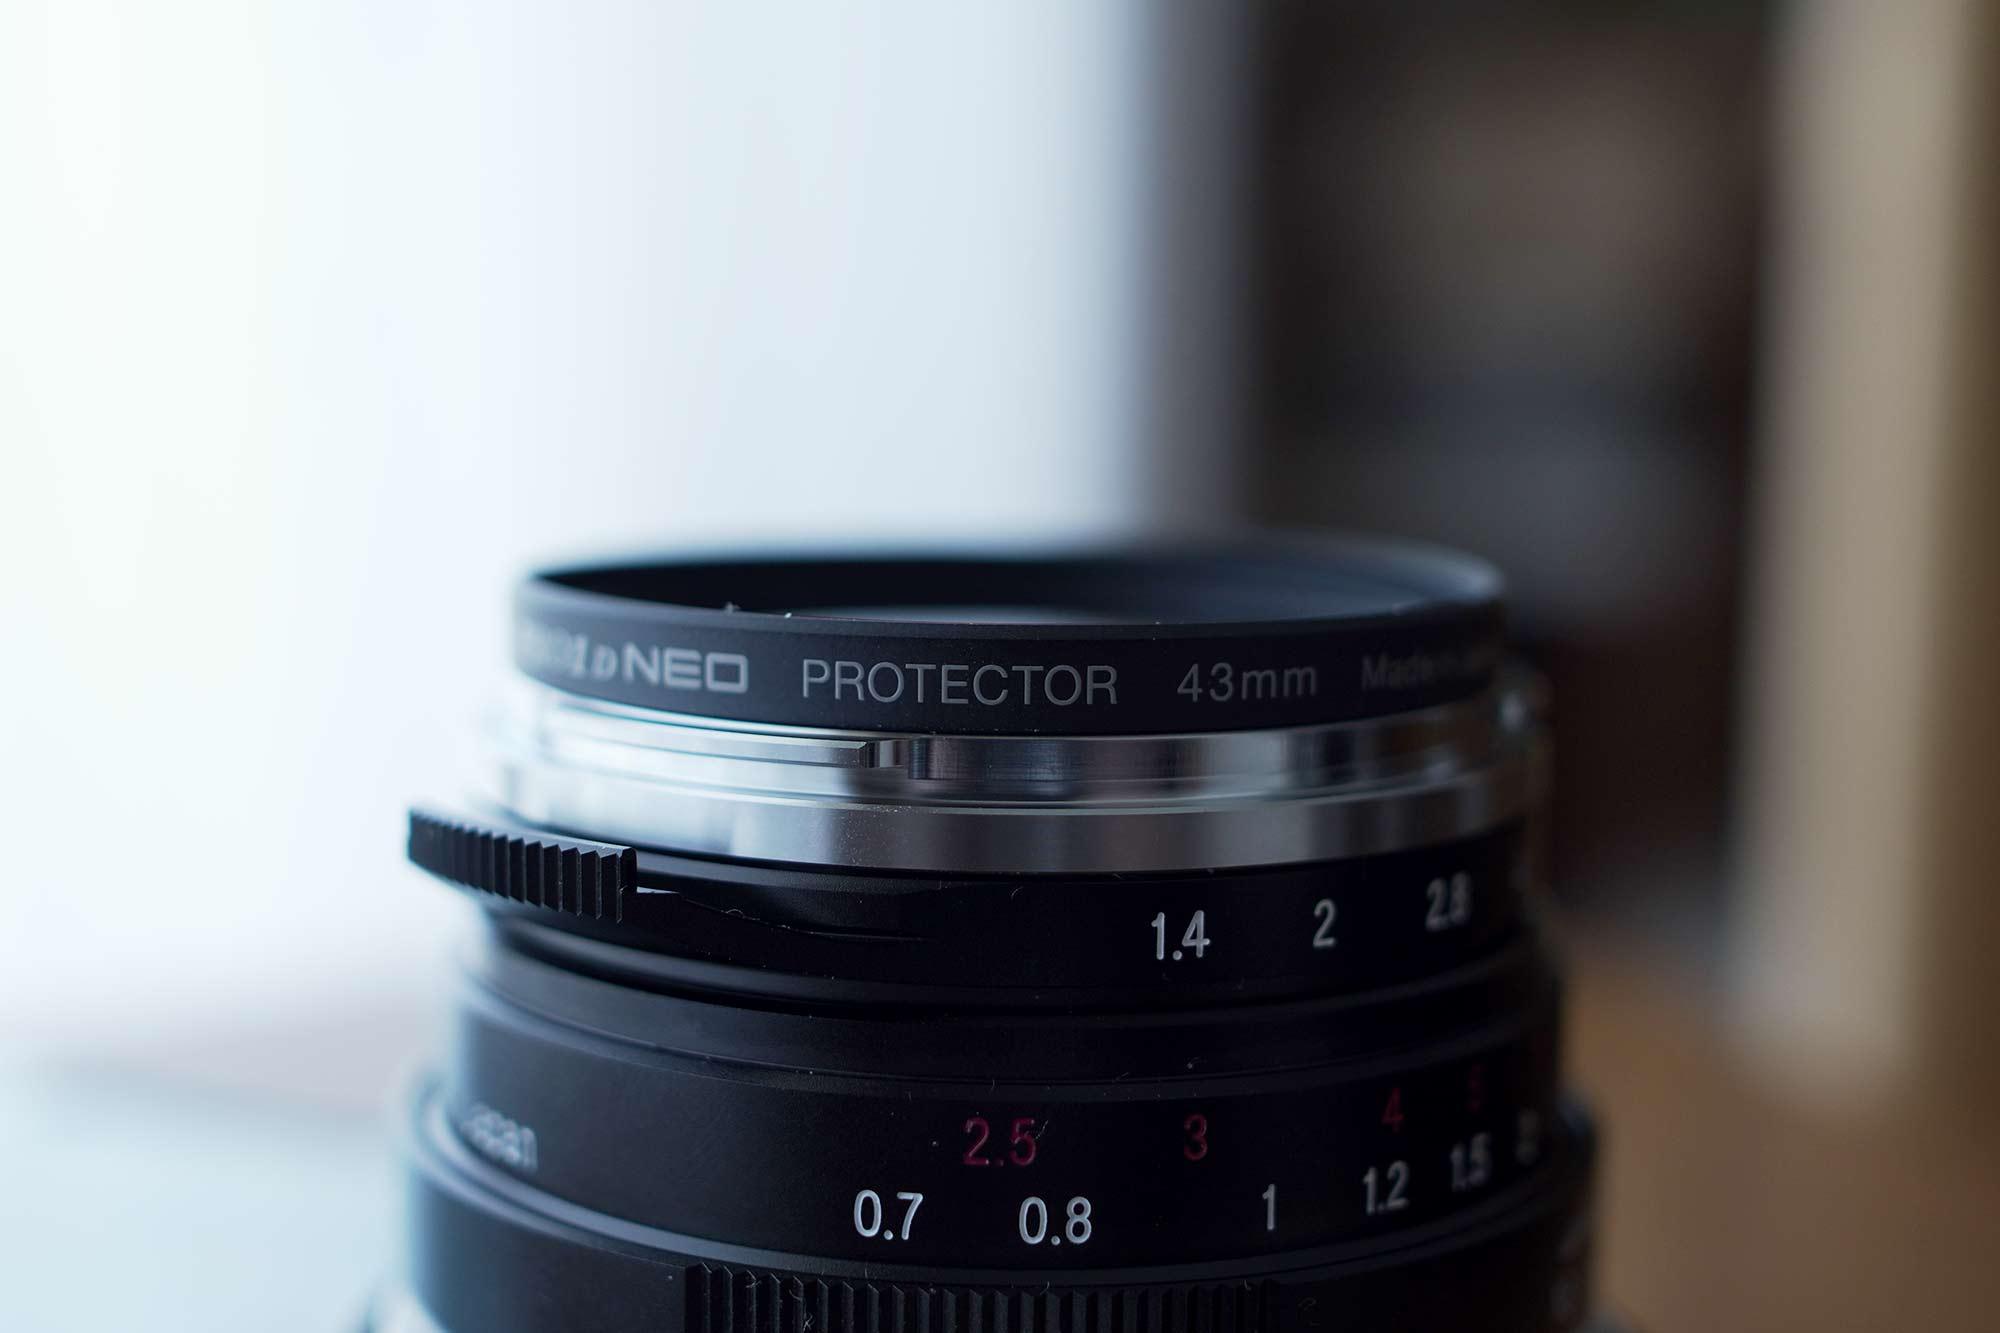 フォクトレンダー,カメラ,レンズ,クラシック,オールドレンズ,40mm,f1.4,フィルター